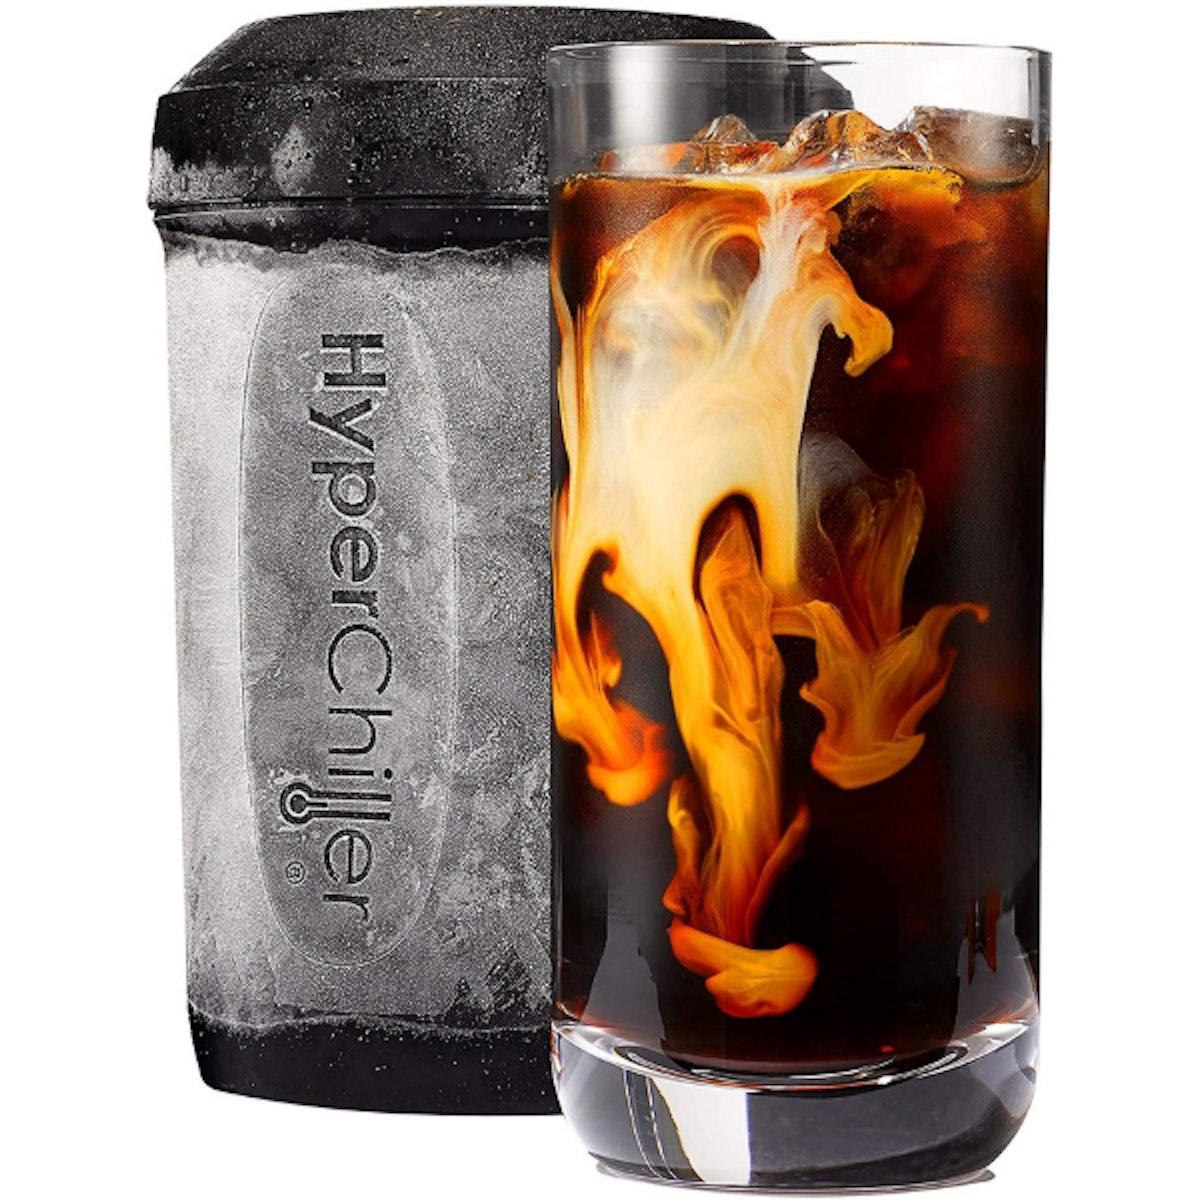 HyperChiller Long Lasting Beverage Chiller